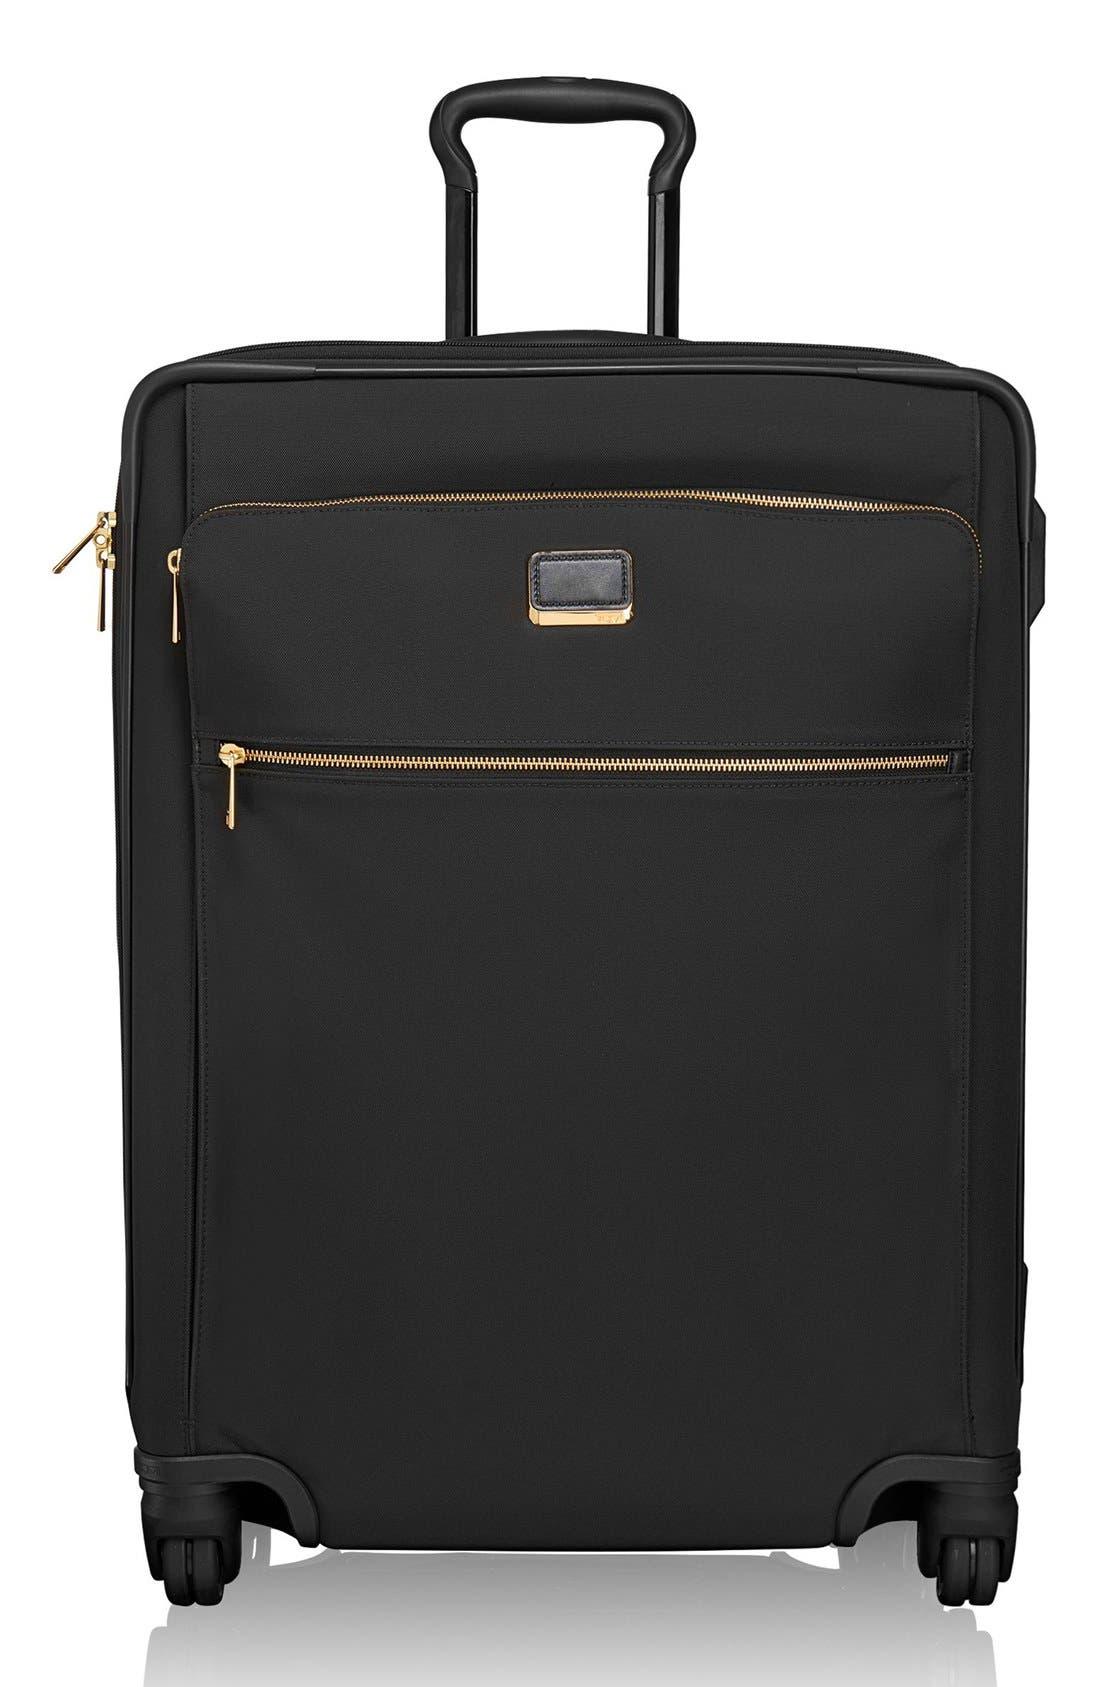 Larkin - Jess Short Trip 26-Inch Expandable 4-Wheel Suitcase,                         Main,                         color, BLACK